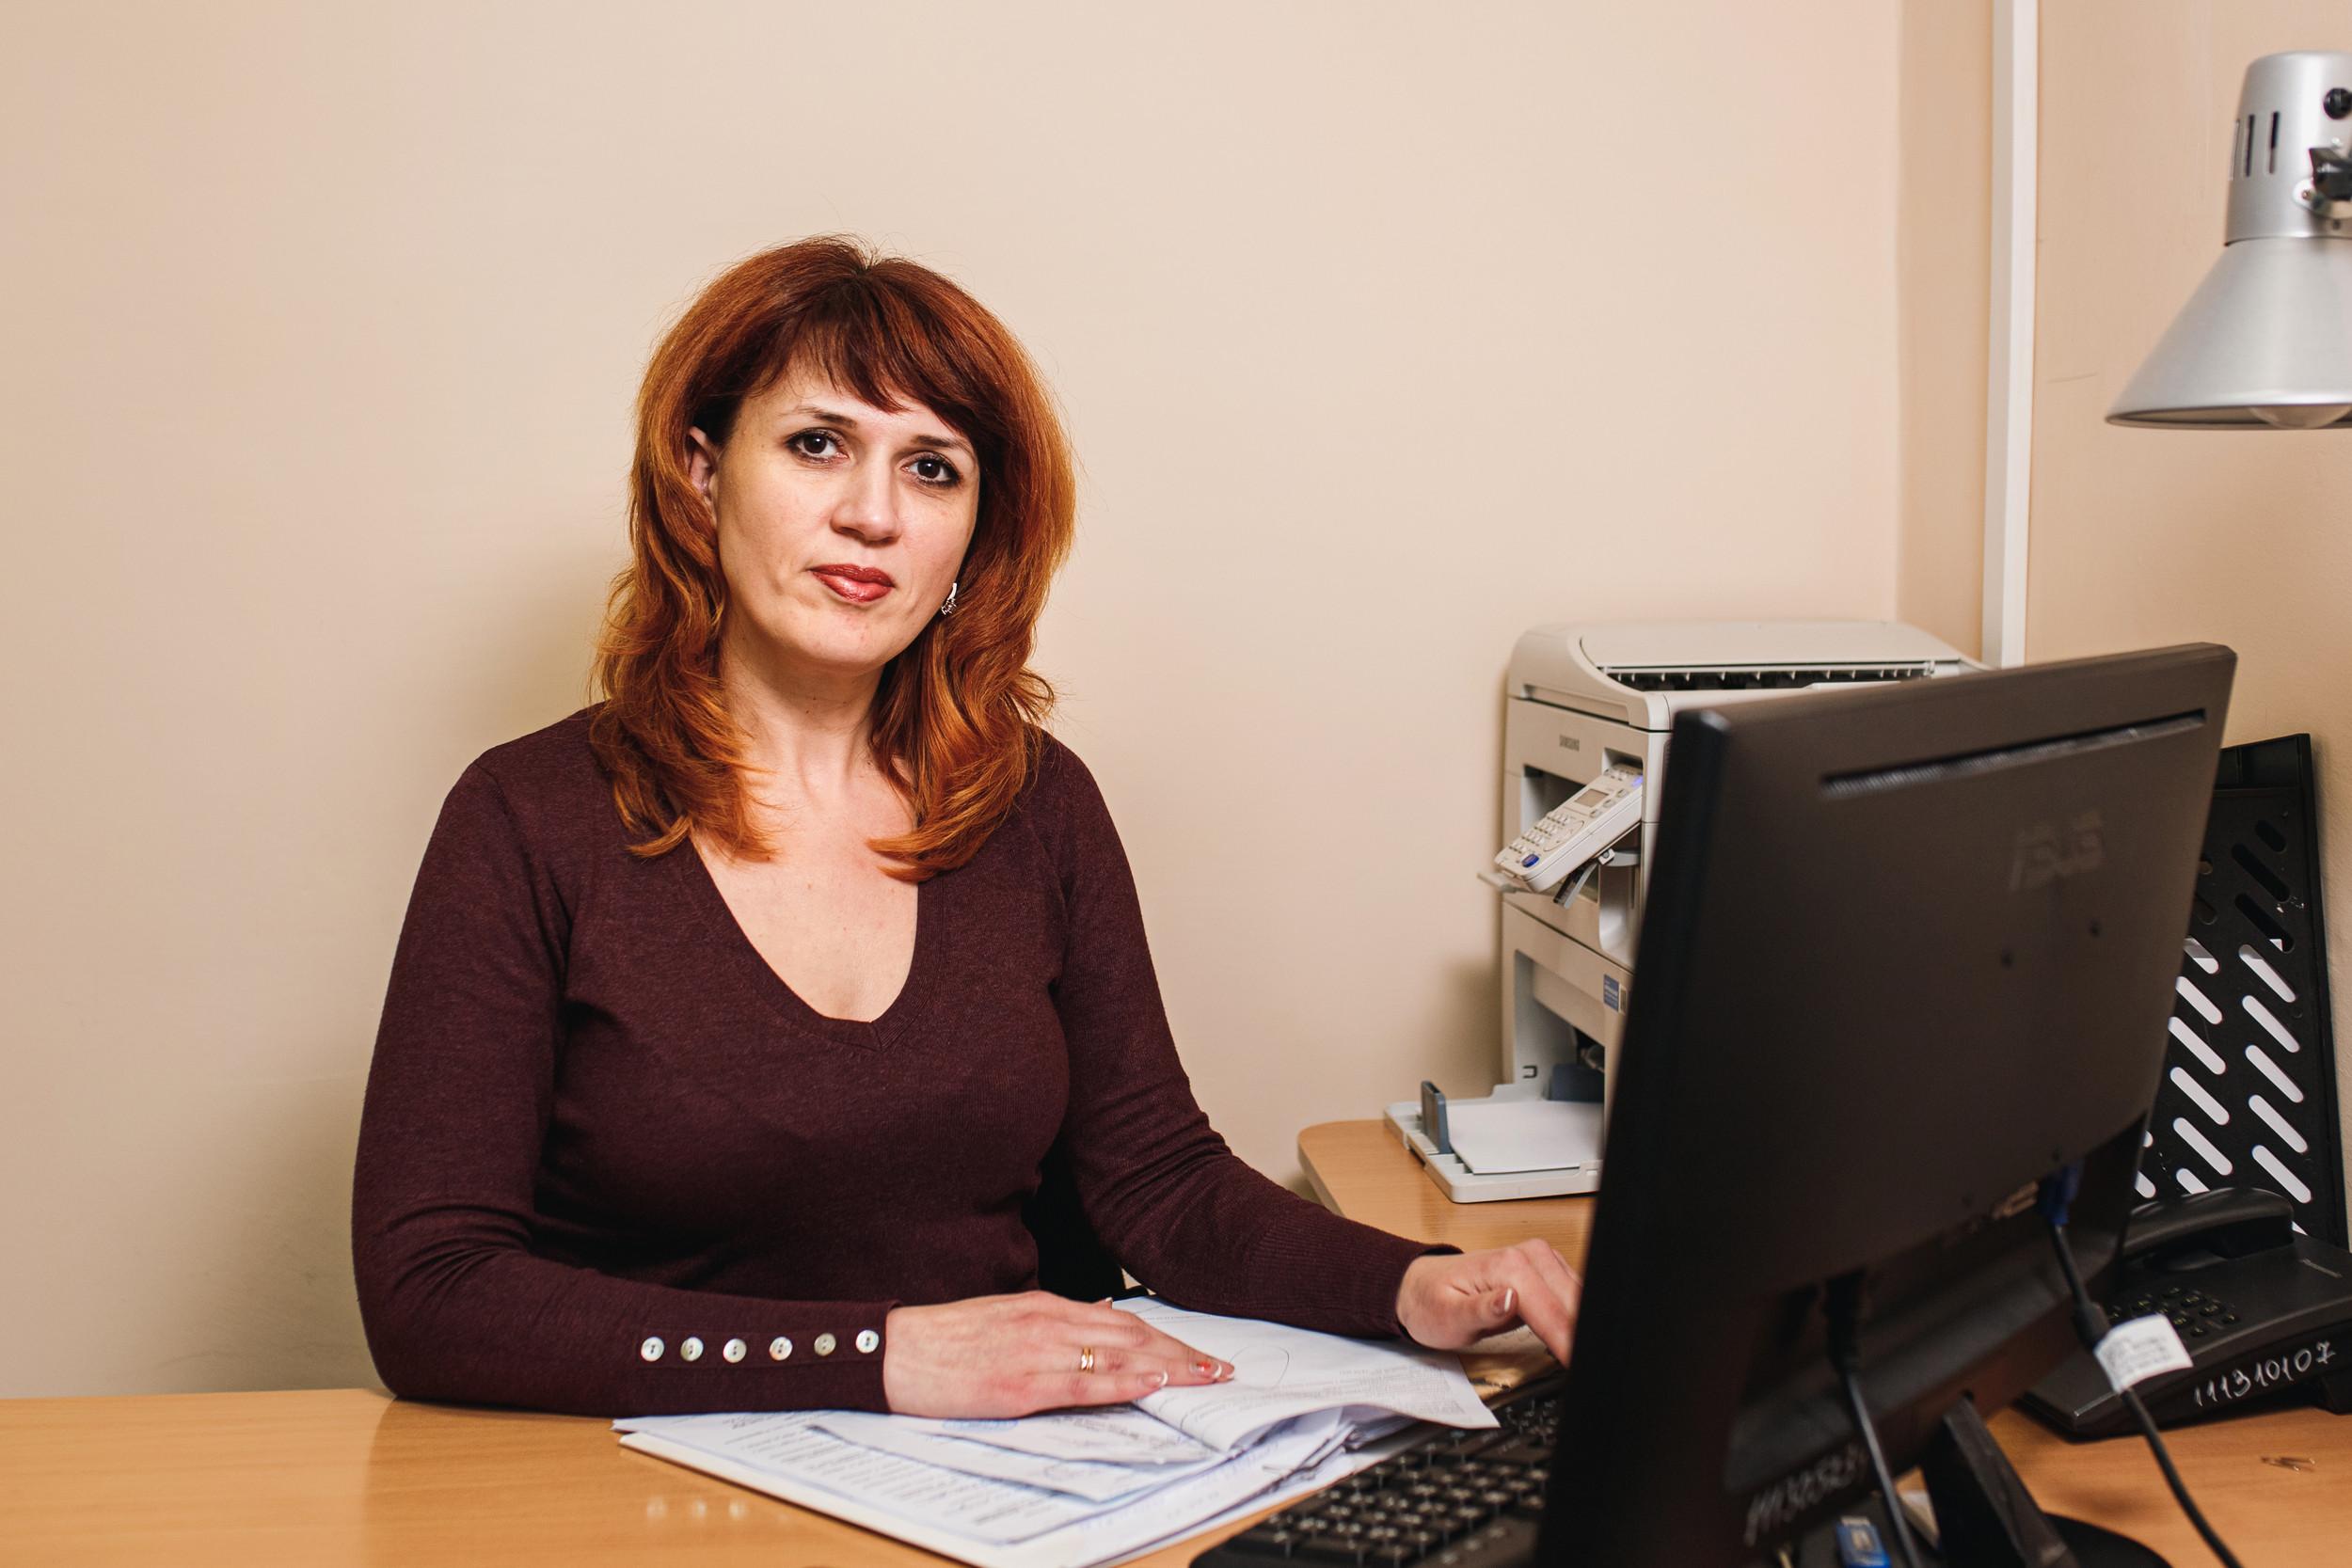 Ганчієвська Вікторія Володимирівна, головний бухгалтер